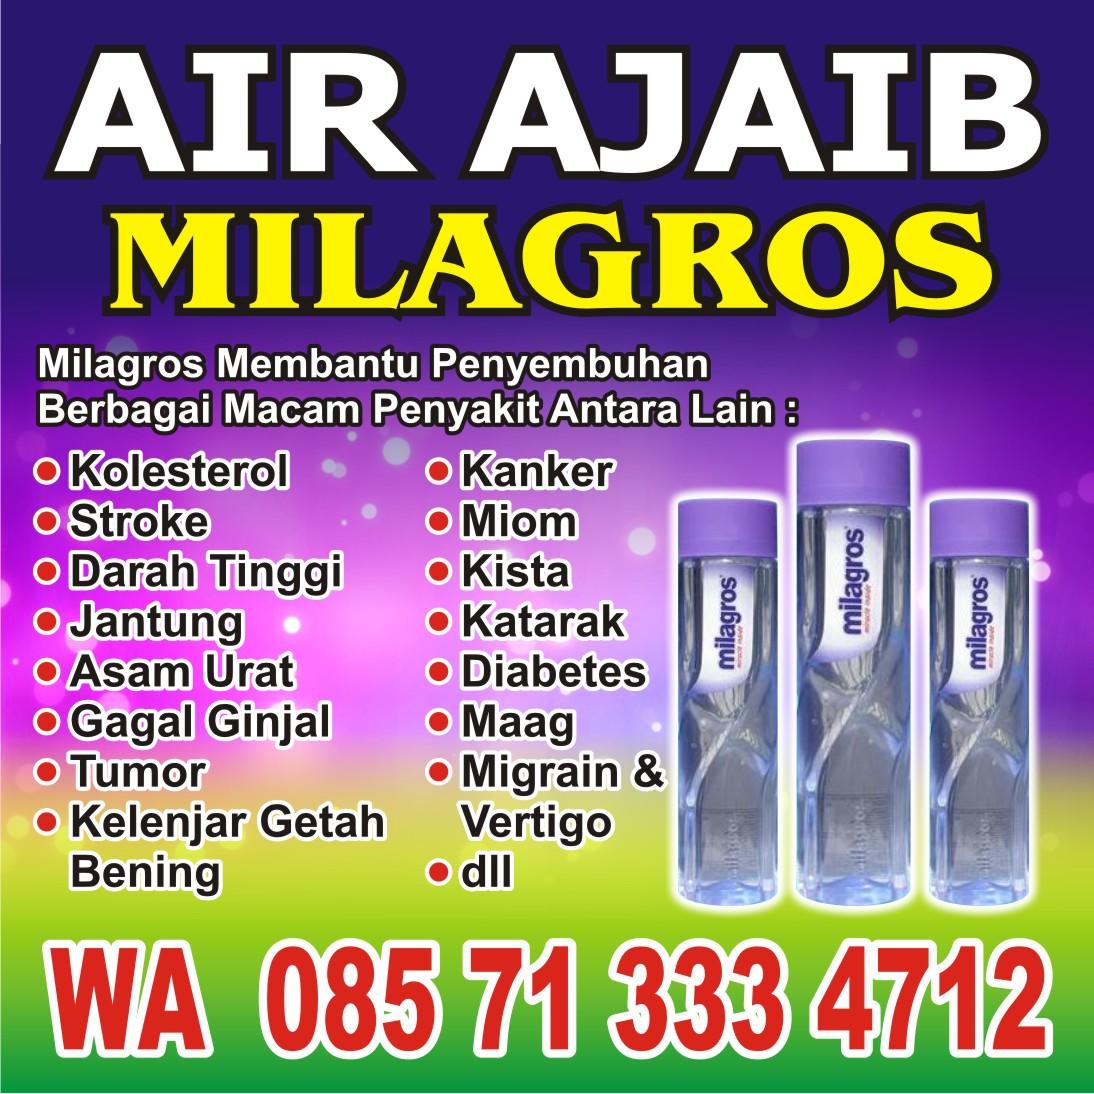 Air Obat Berbagai Jenis Penyakit